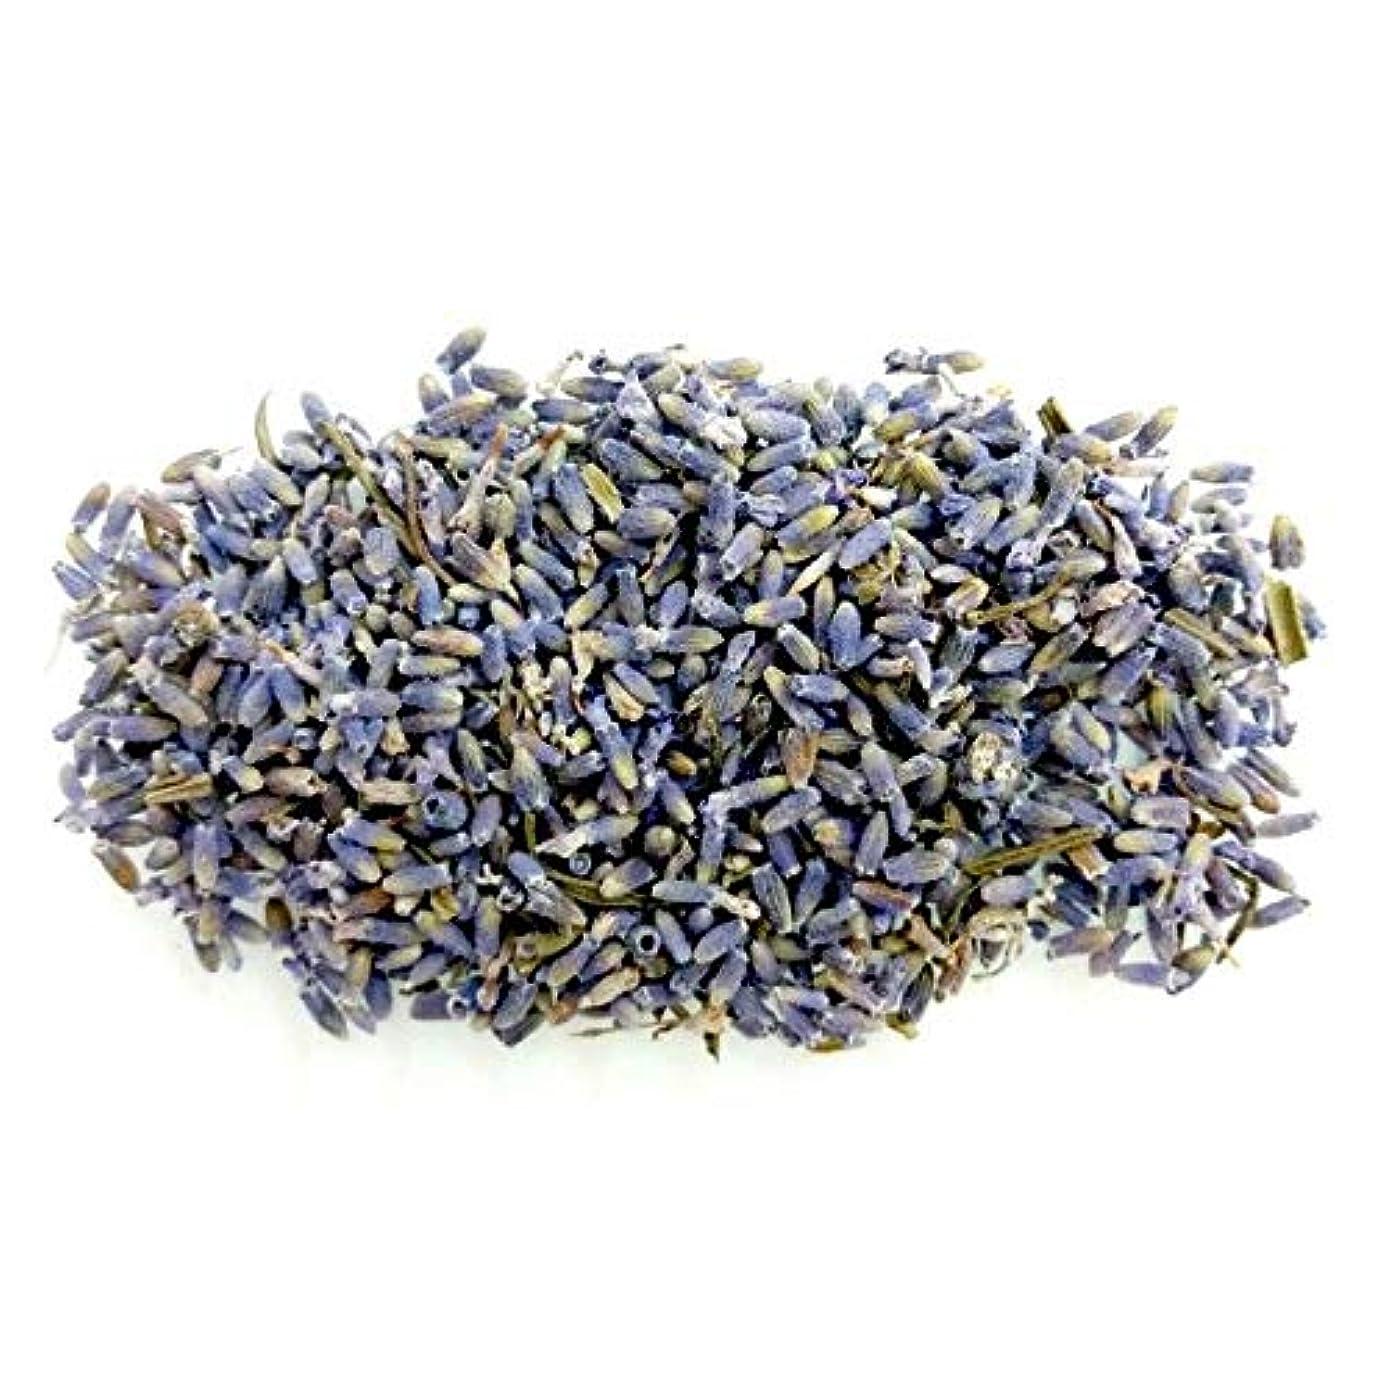 カウンターパート合金合理的種子パッケージ:ラベンダーの香り-Incense Magikal Seedion儀式ウィッカパガンゴス祭壇